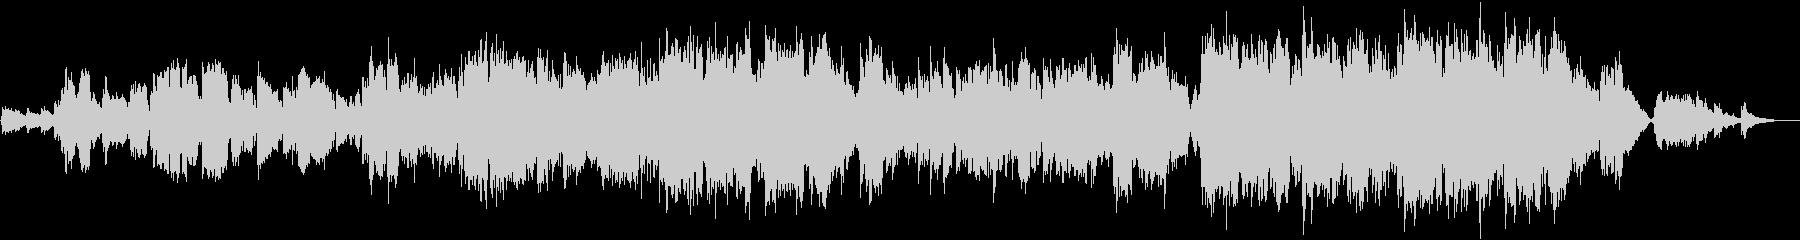 女性ボーカルによる爽やかで切ないバラードの未再生の波形